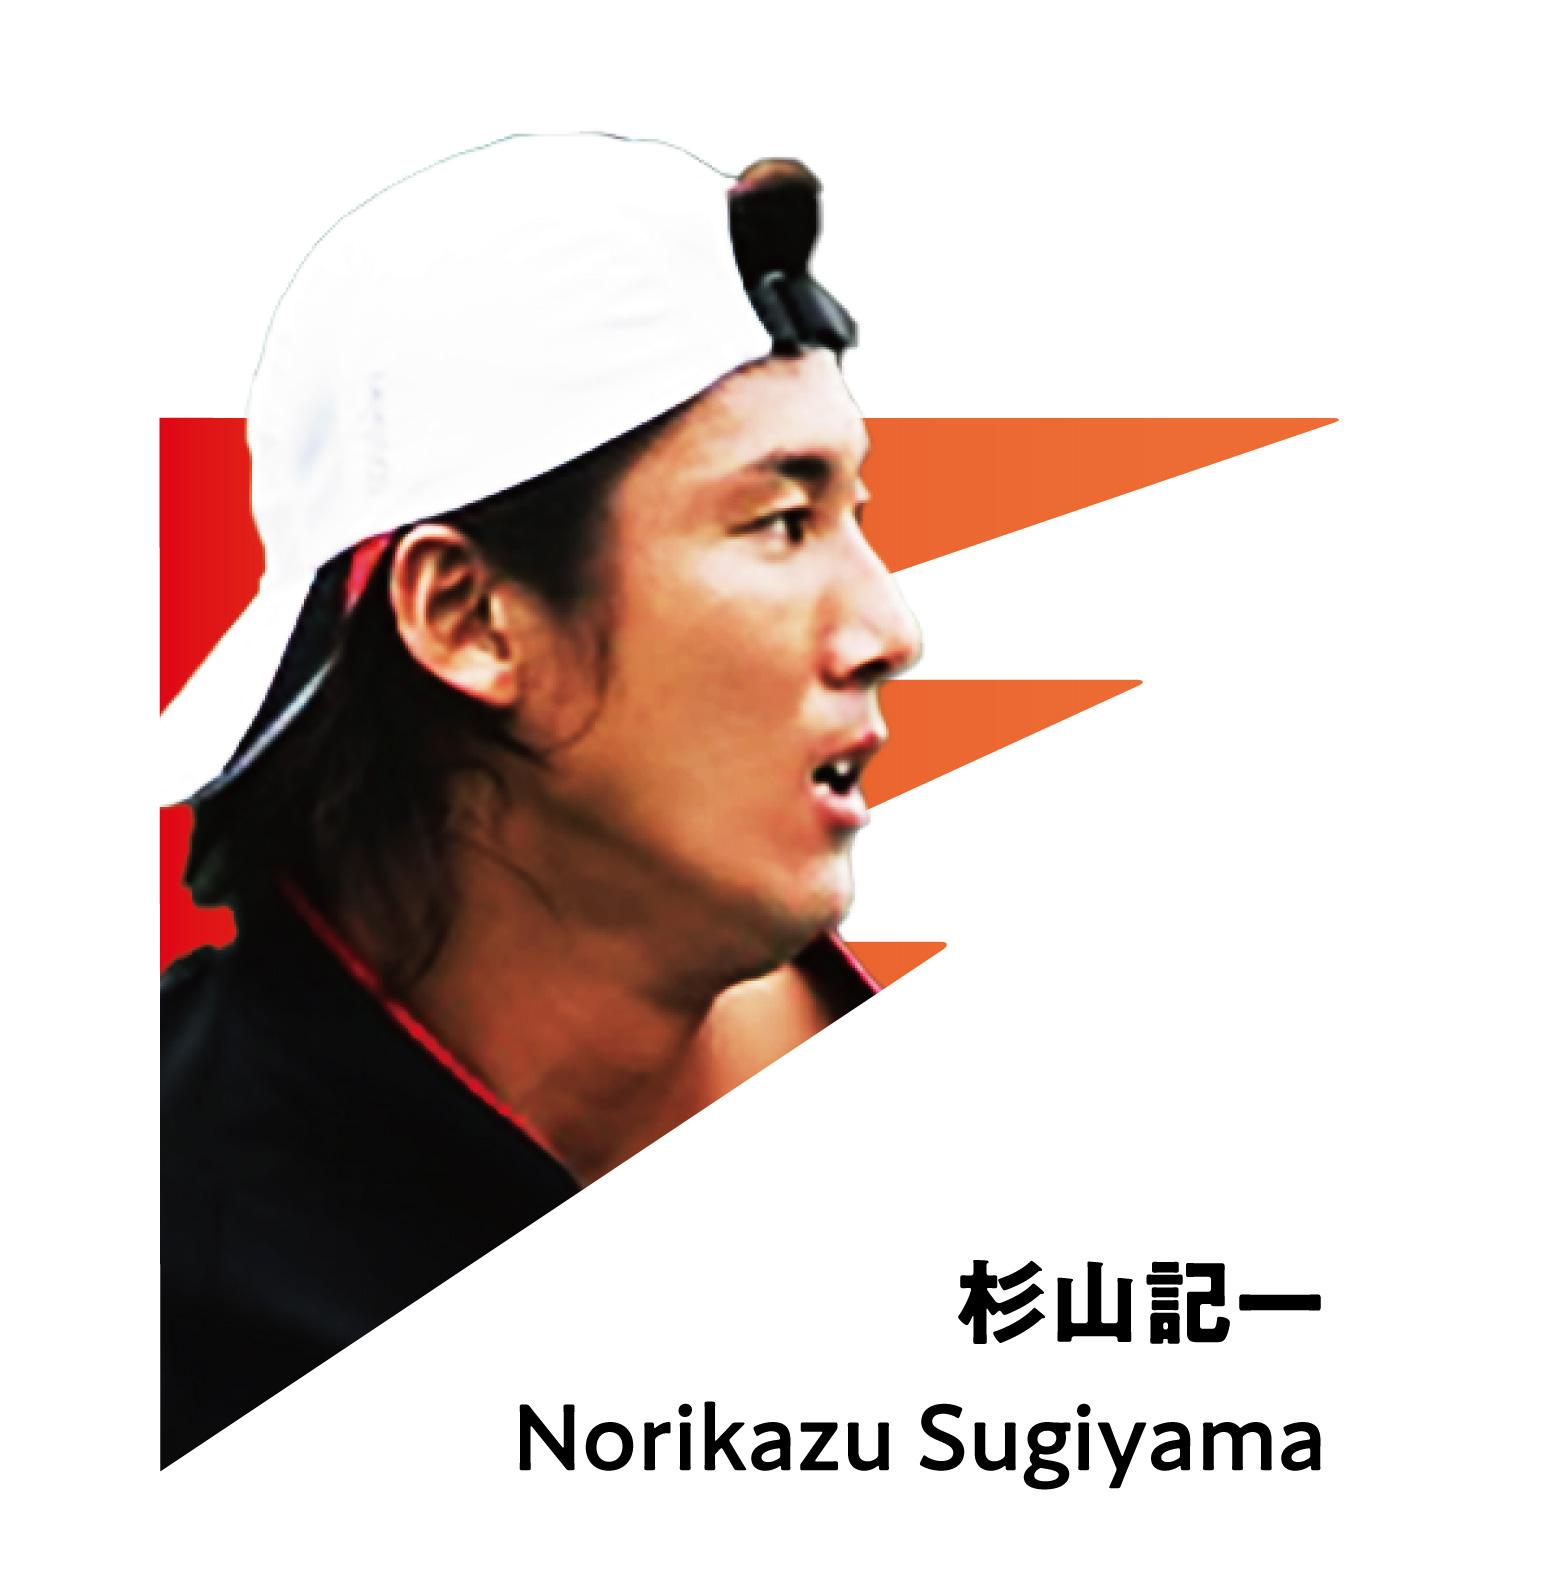 NORIKAZU SUGIYAMA